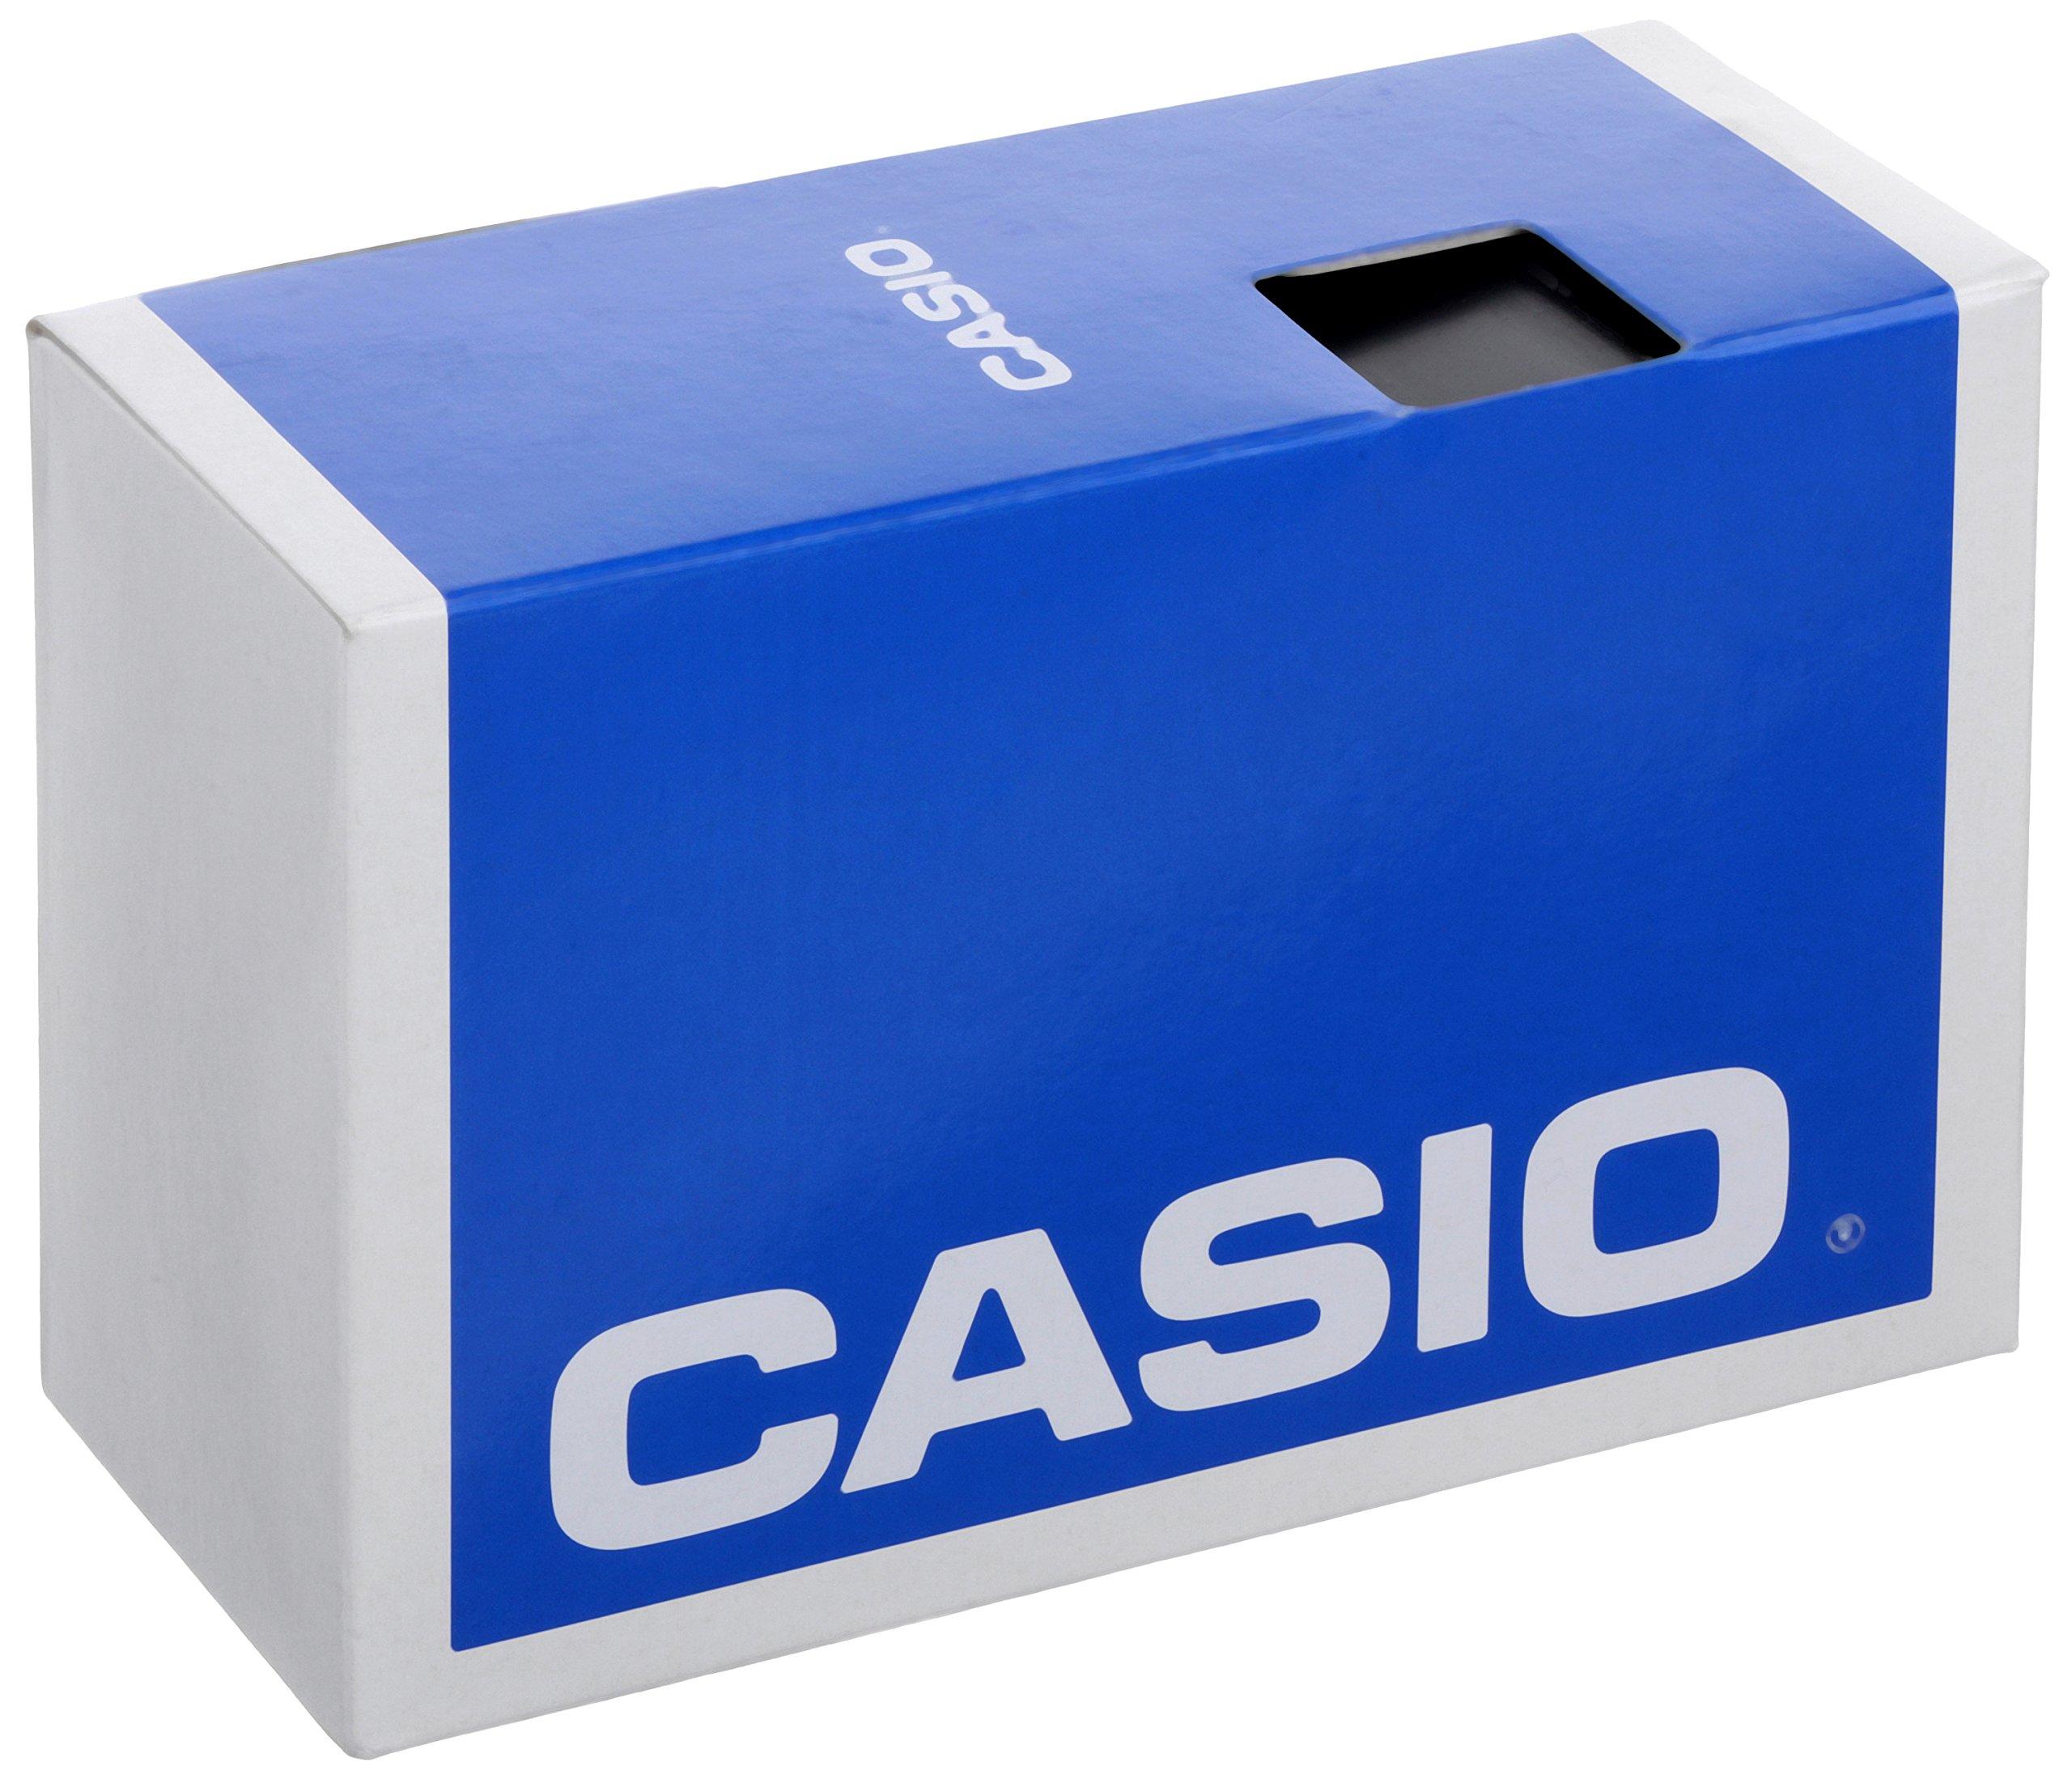 Casio-Womens-LQ139B-1B-Classic-Round-Analog-Watch